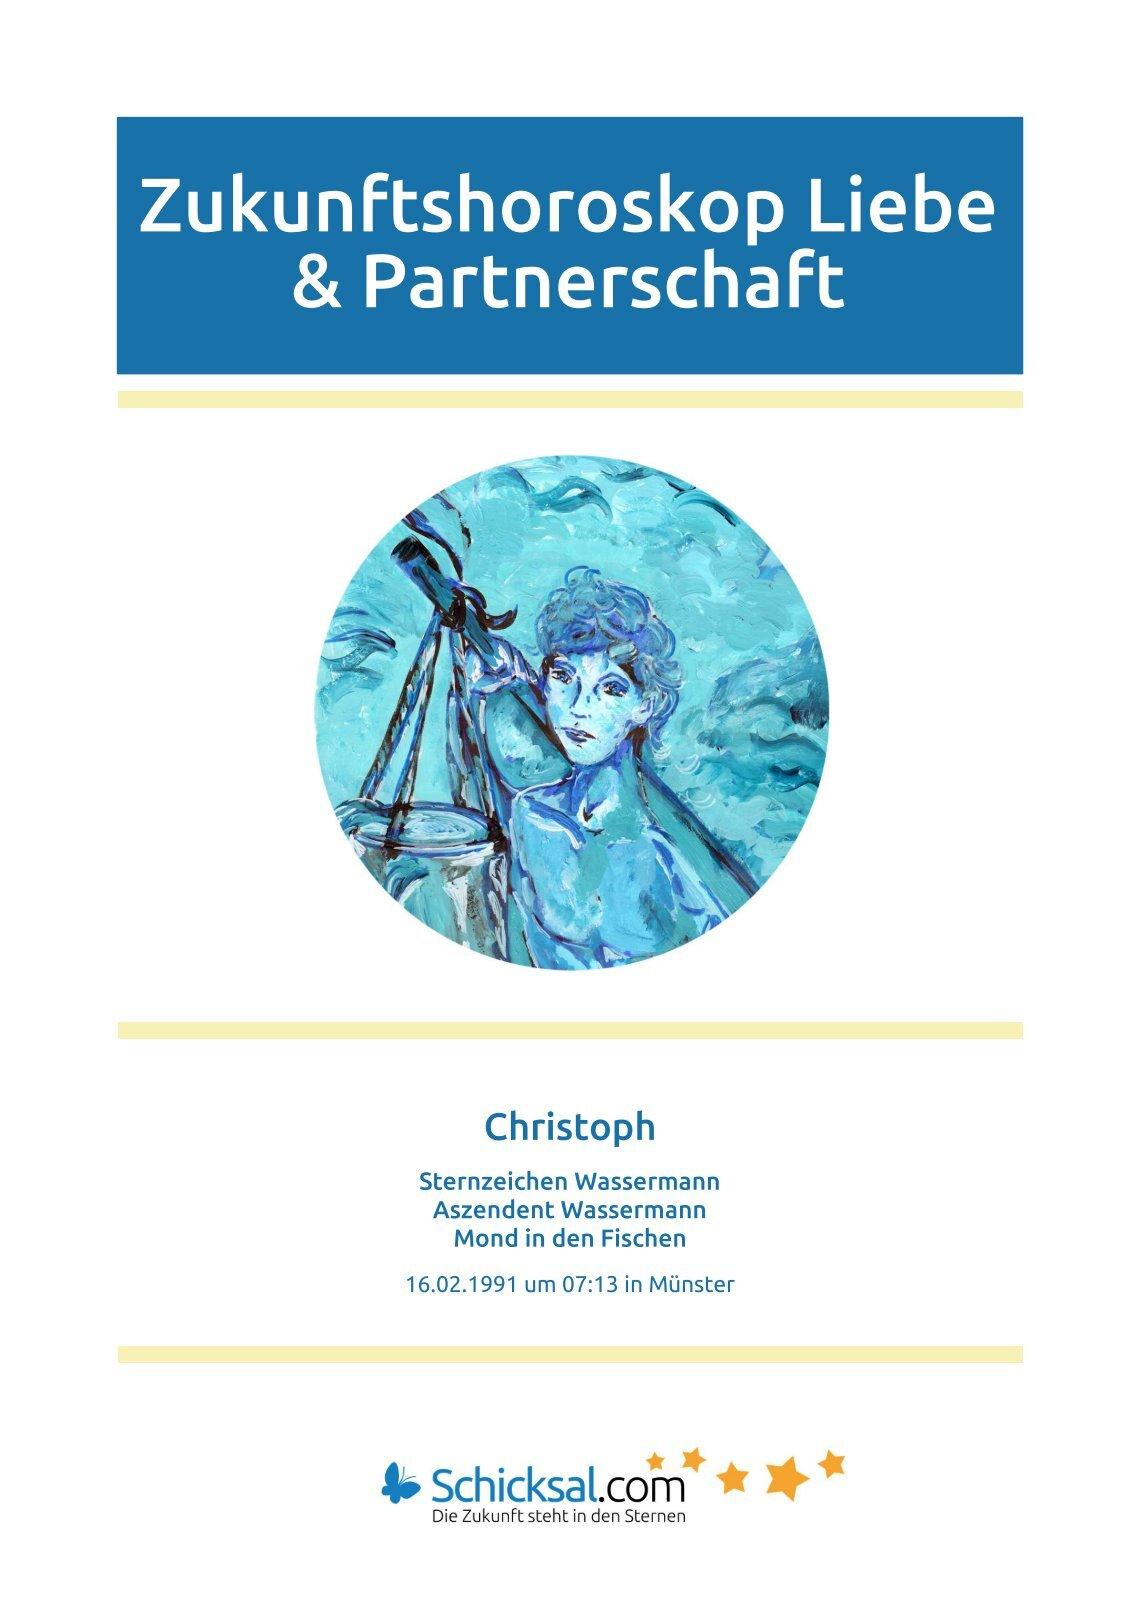 Wassermann Zukunftshoroskop Liebe und Partnerschaft